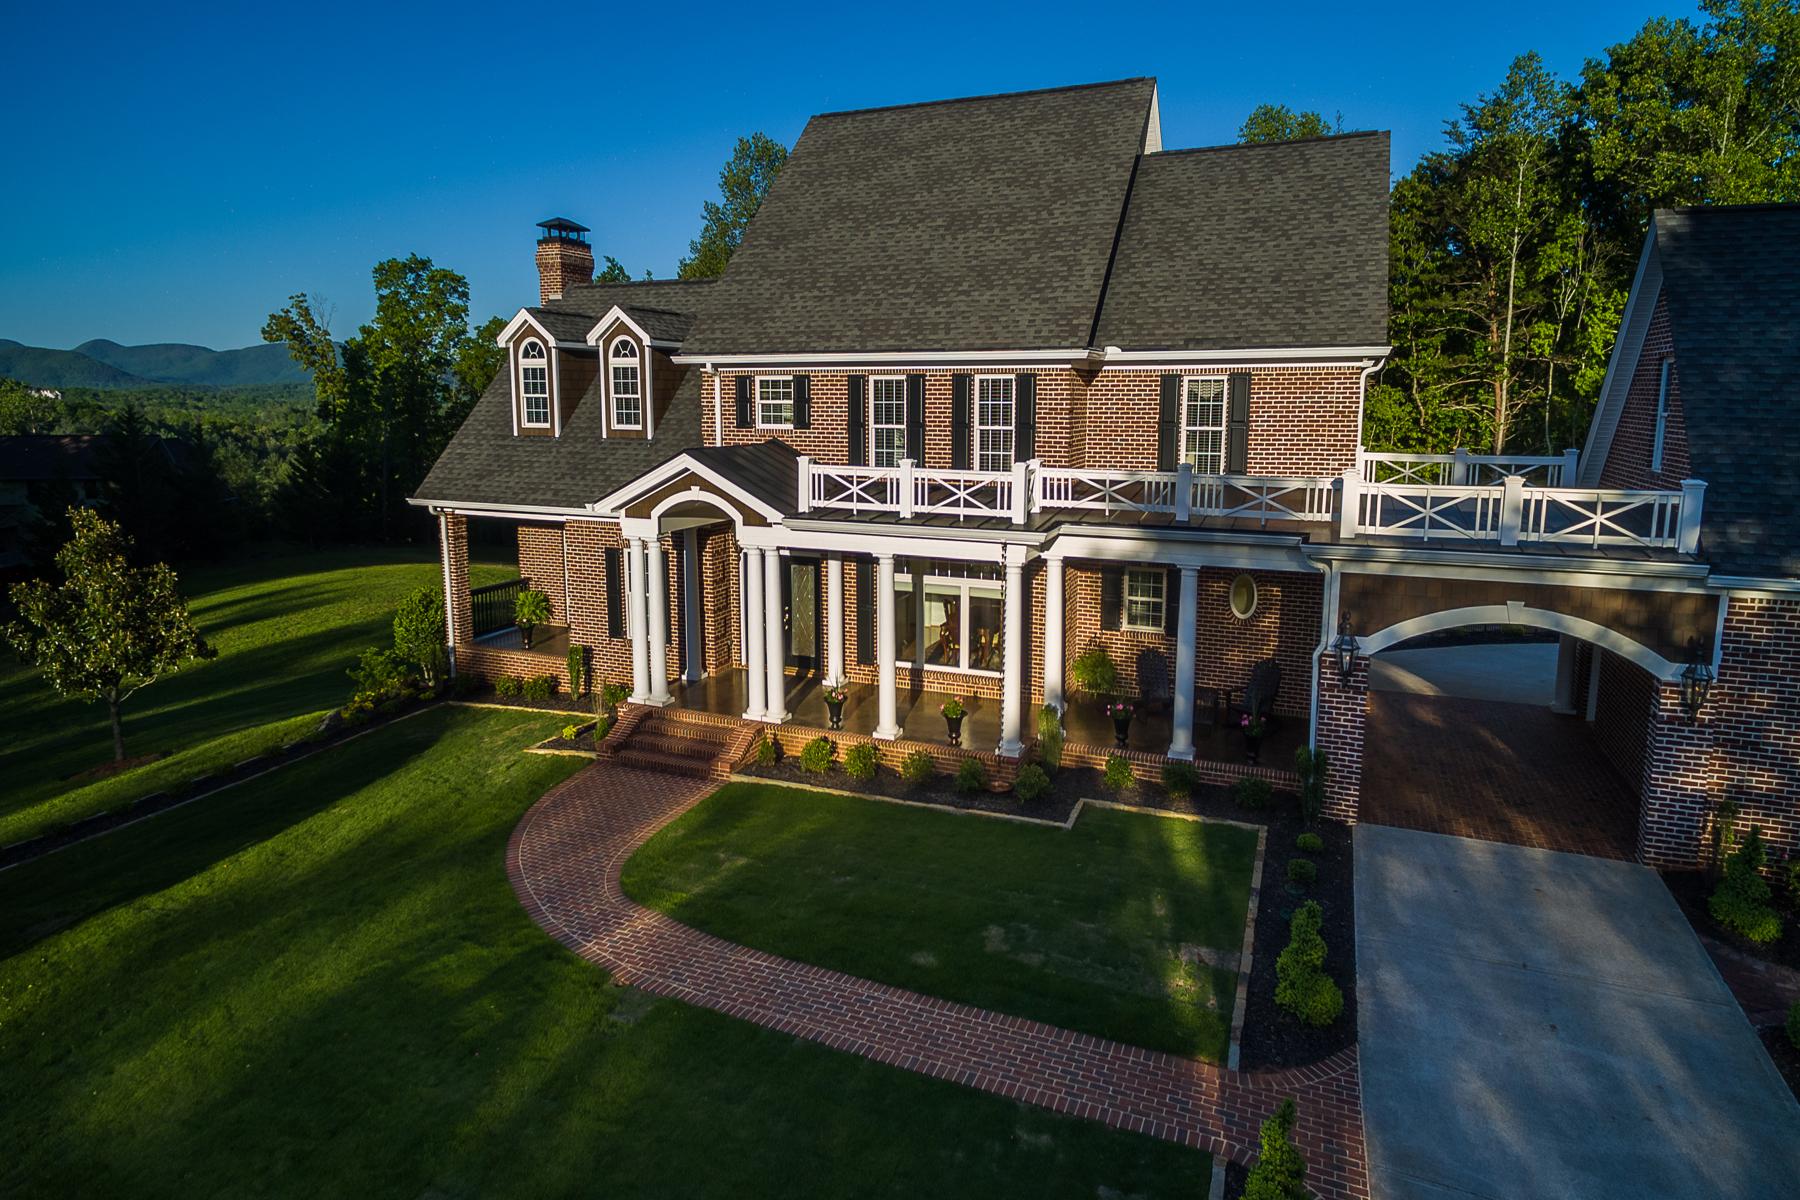 Maison unifamiliale pour l Vente à Striking Gold In Dahlonega Georgia Mountains 956 McDonald Road Dahlonega, Georgia, 30533 États-Unis